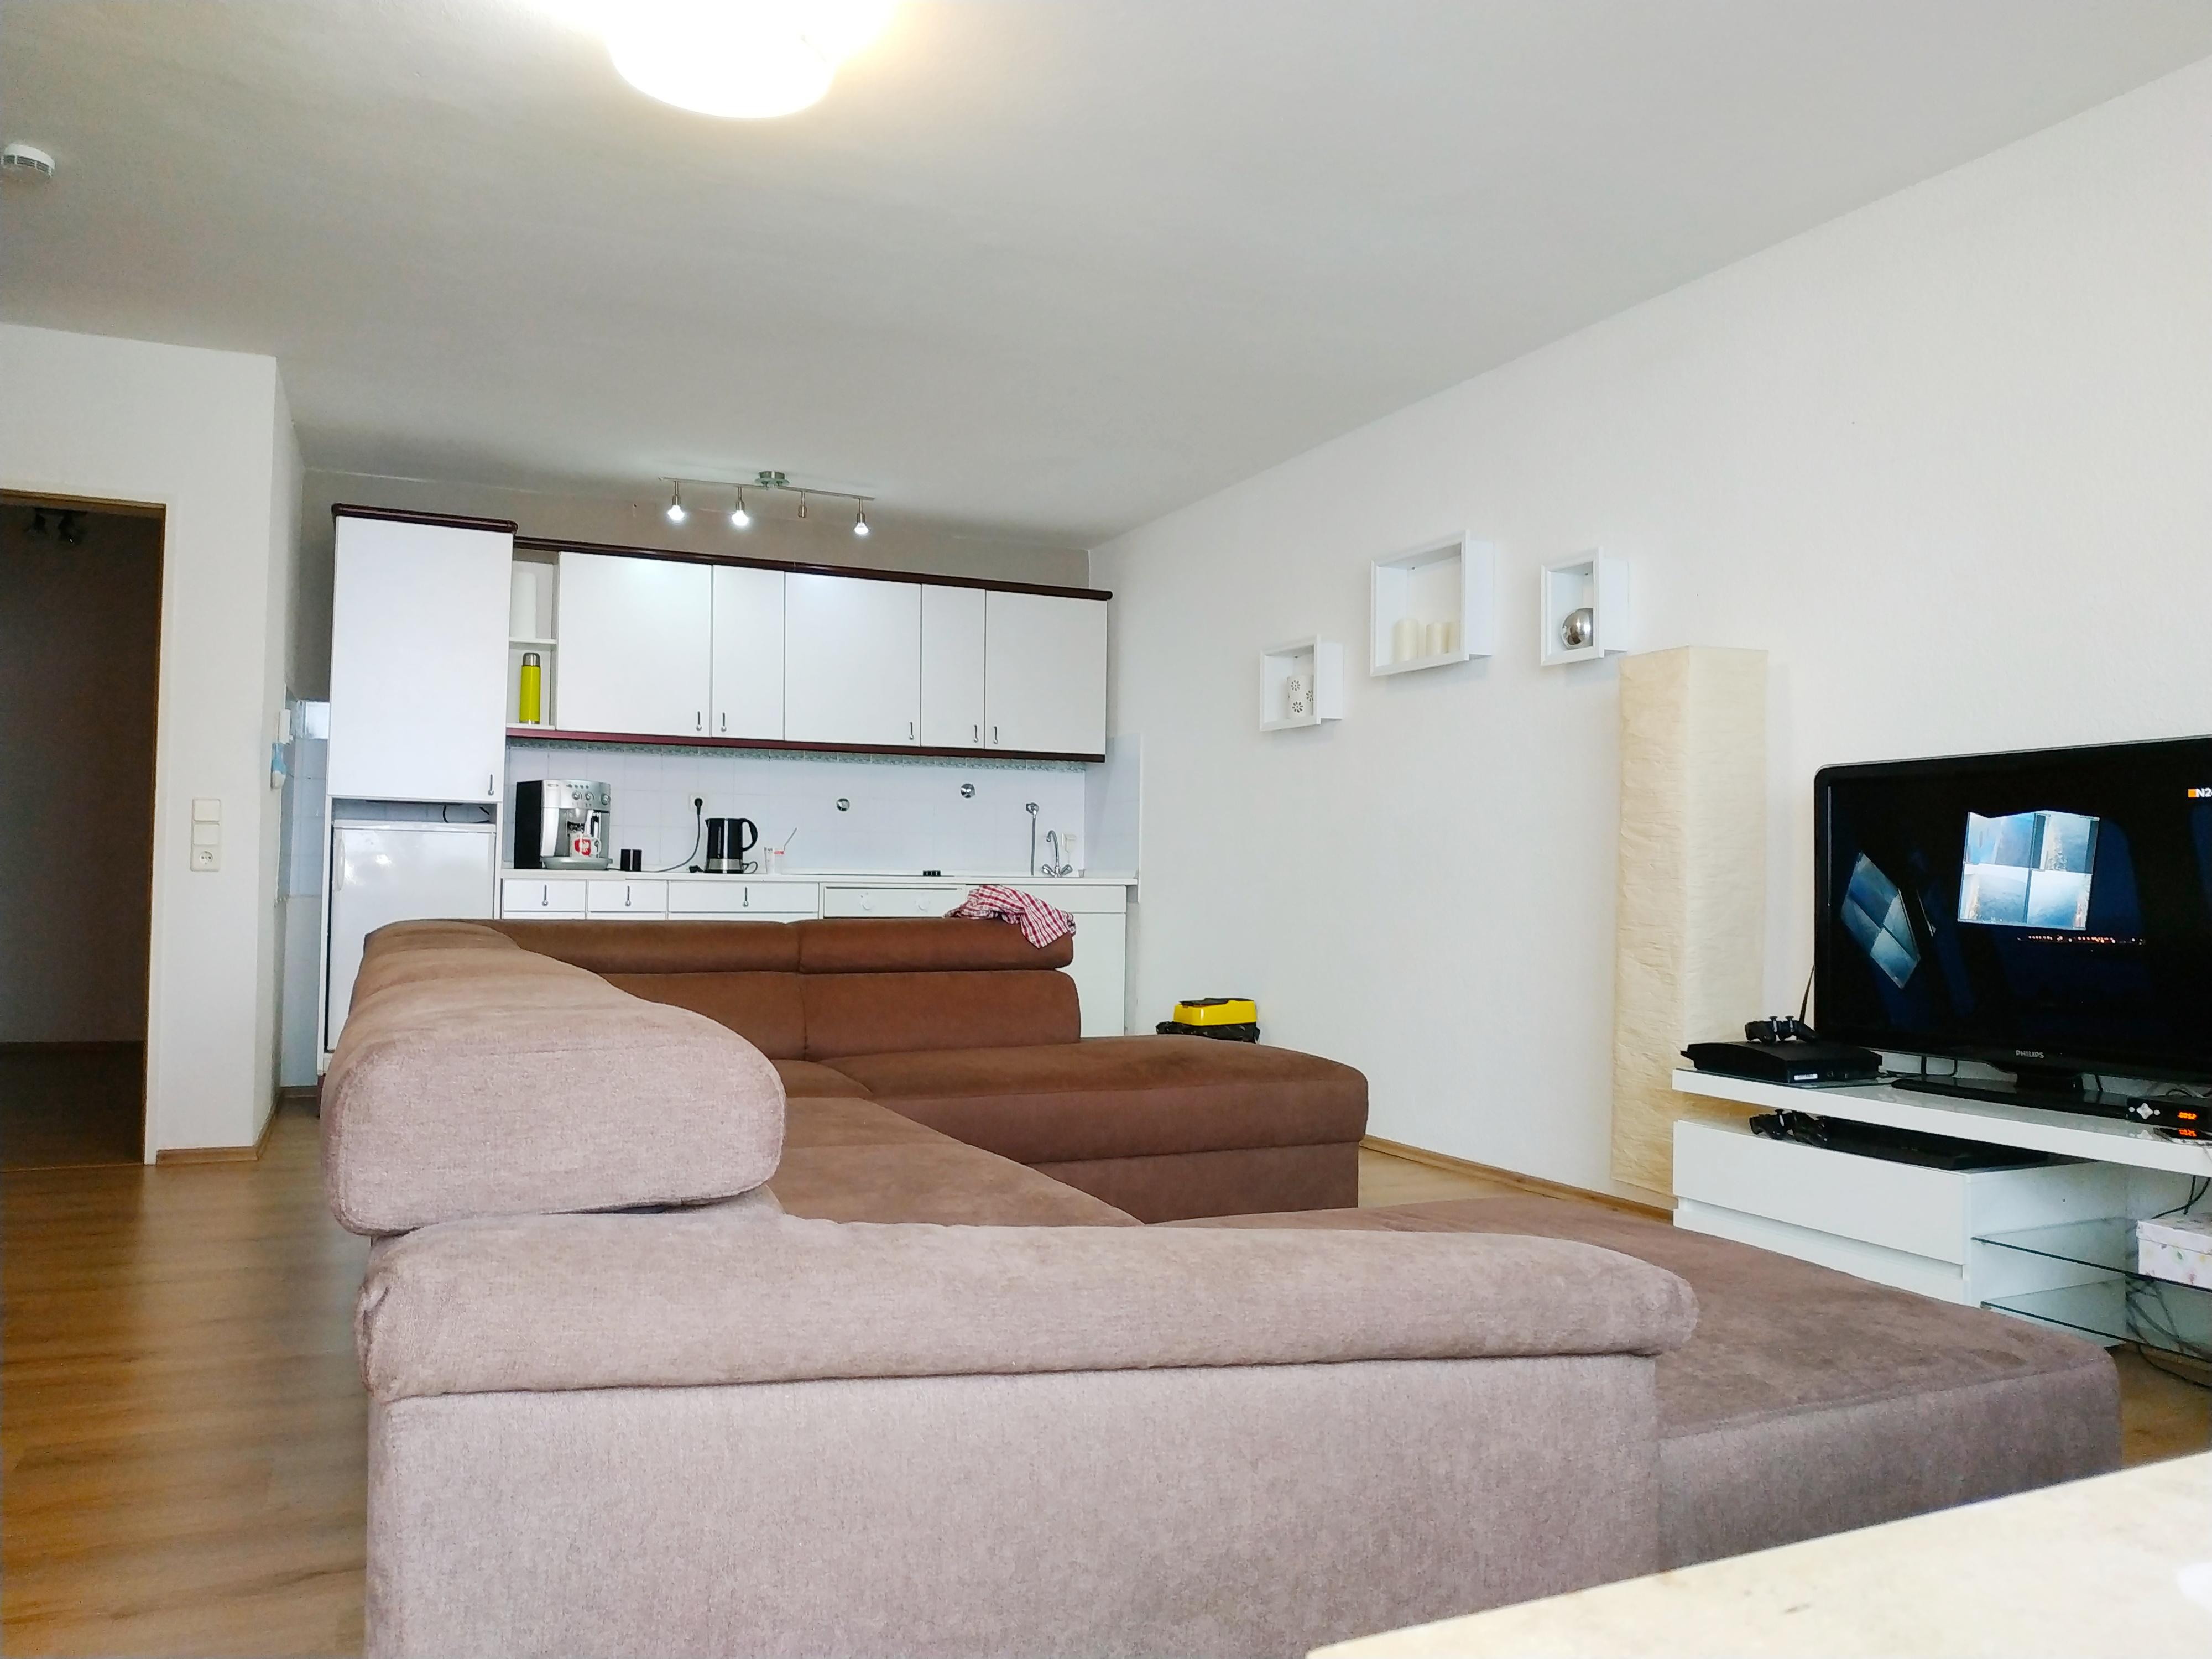 sehr schöne und zentral gelegene 1-Zimmerwohnung mit ca. 48 m² im 1. OG